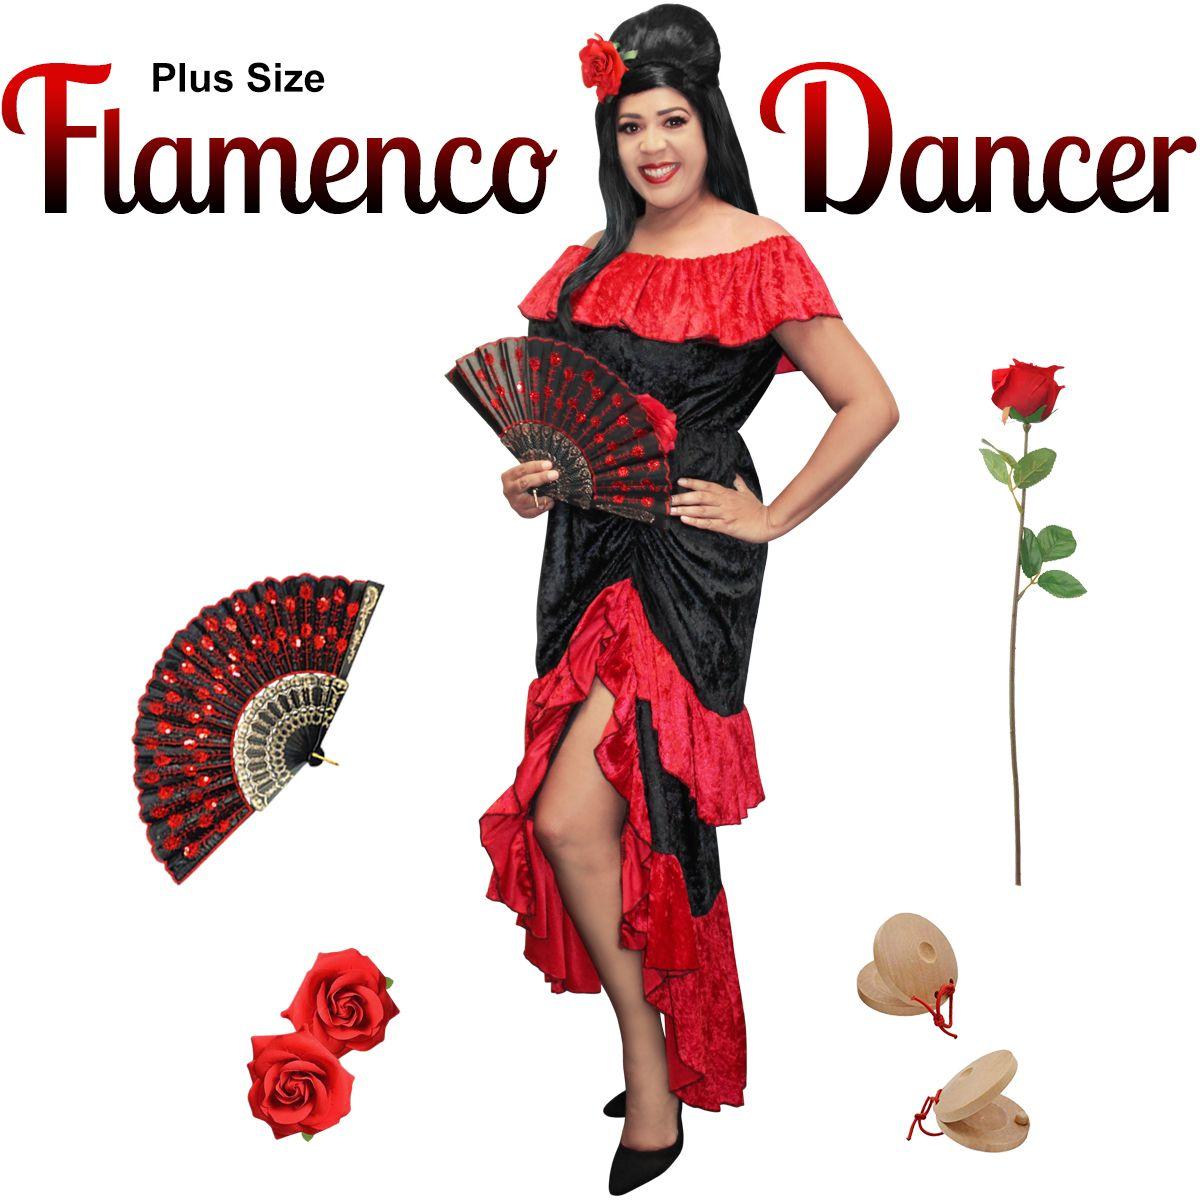 NEW! Plus Size Flamenco Halloween Costume XL 1x 2x 3x 4x